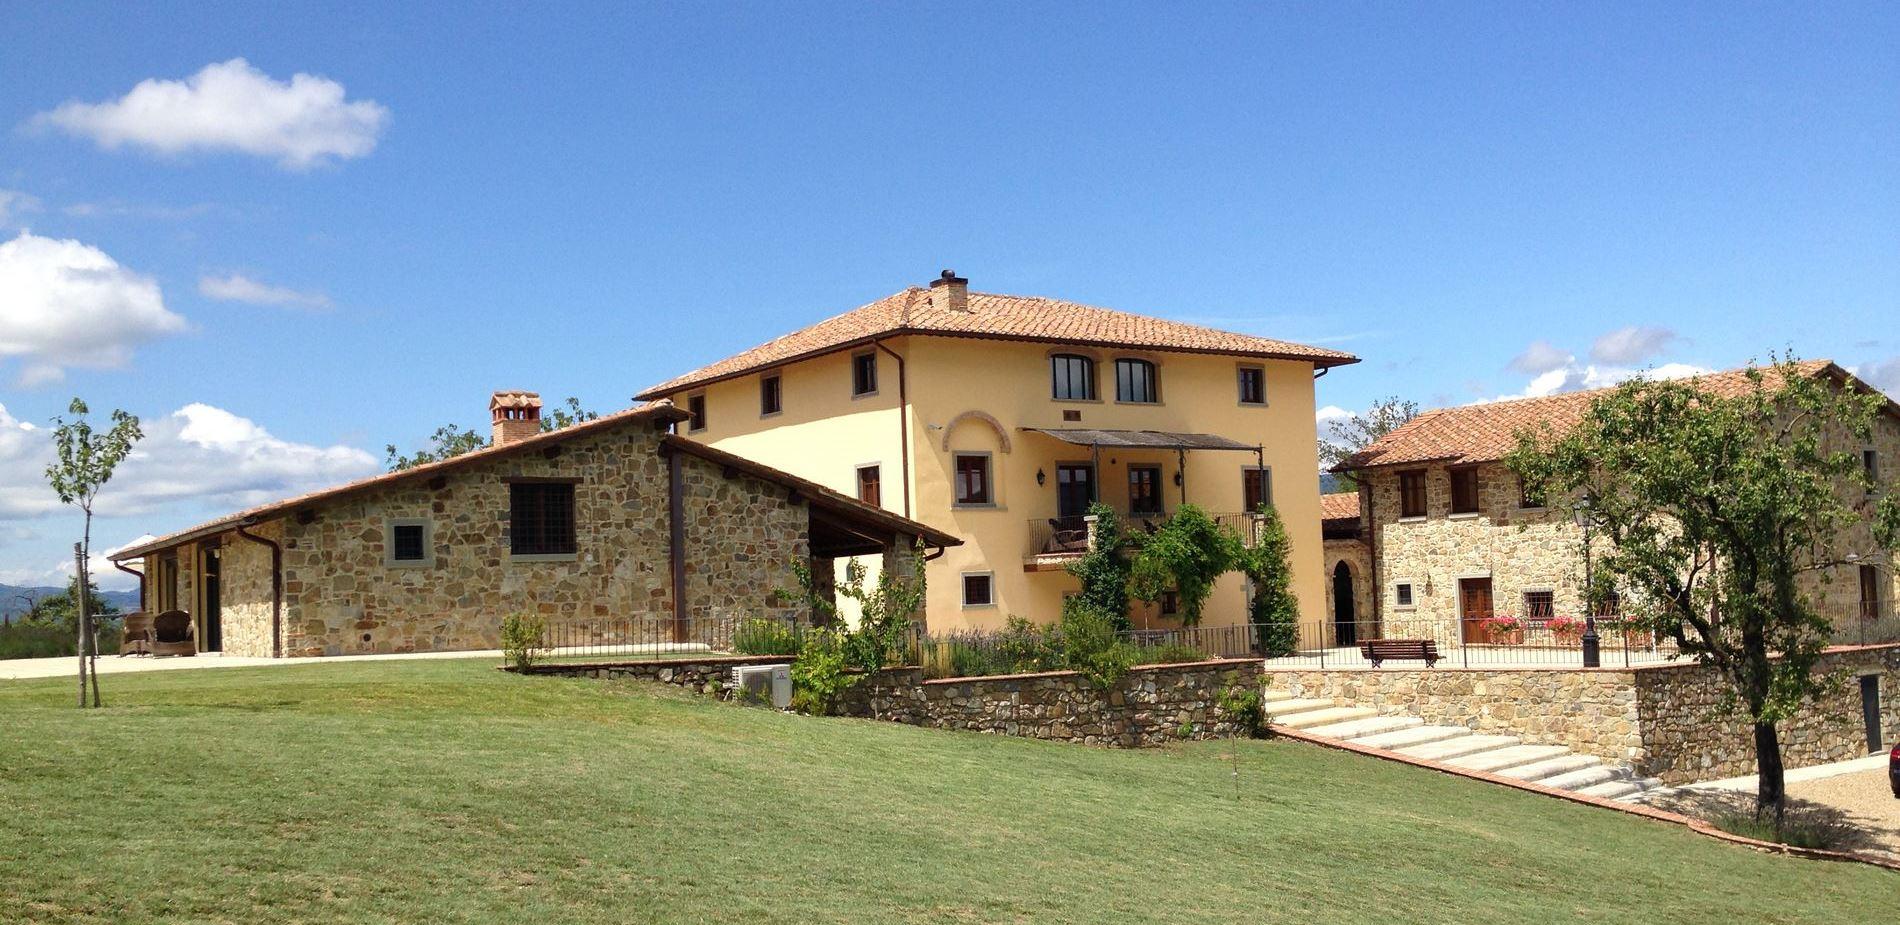 Twee vakantiehuizen met zwembad en airco in Toscane, vakantiehuis met zwembad 4 personen Toscane, vakantiehuis met zwembad 6 personen Toscane, vakantiehuis met zwembad 10 personen Toscane